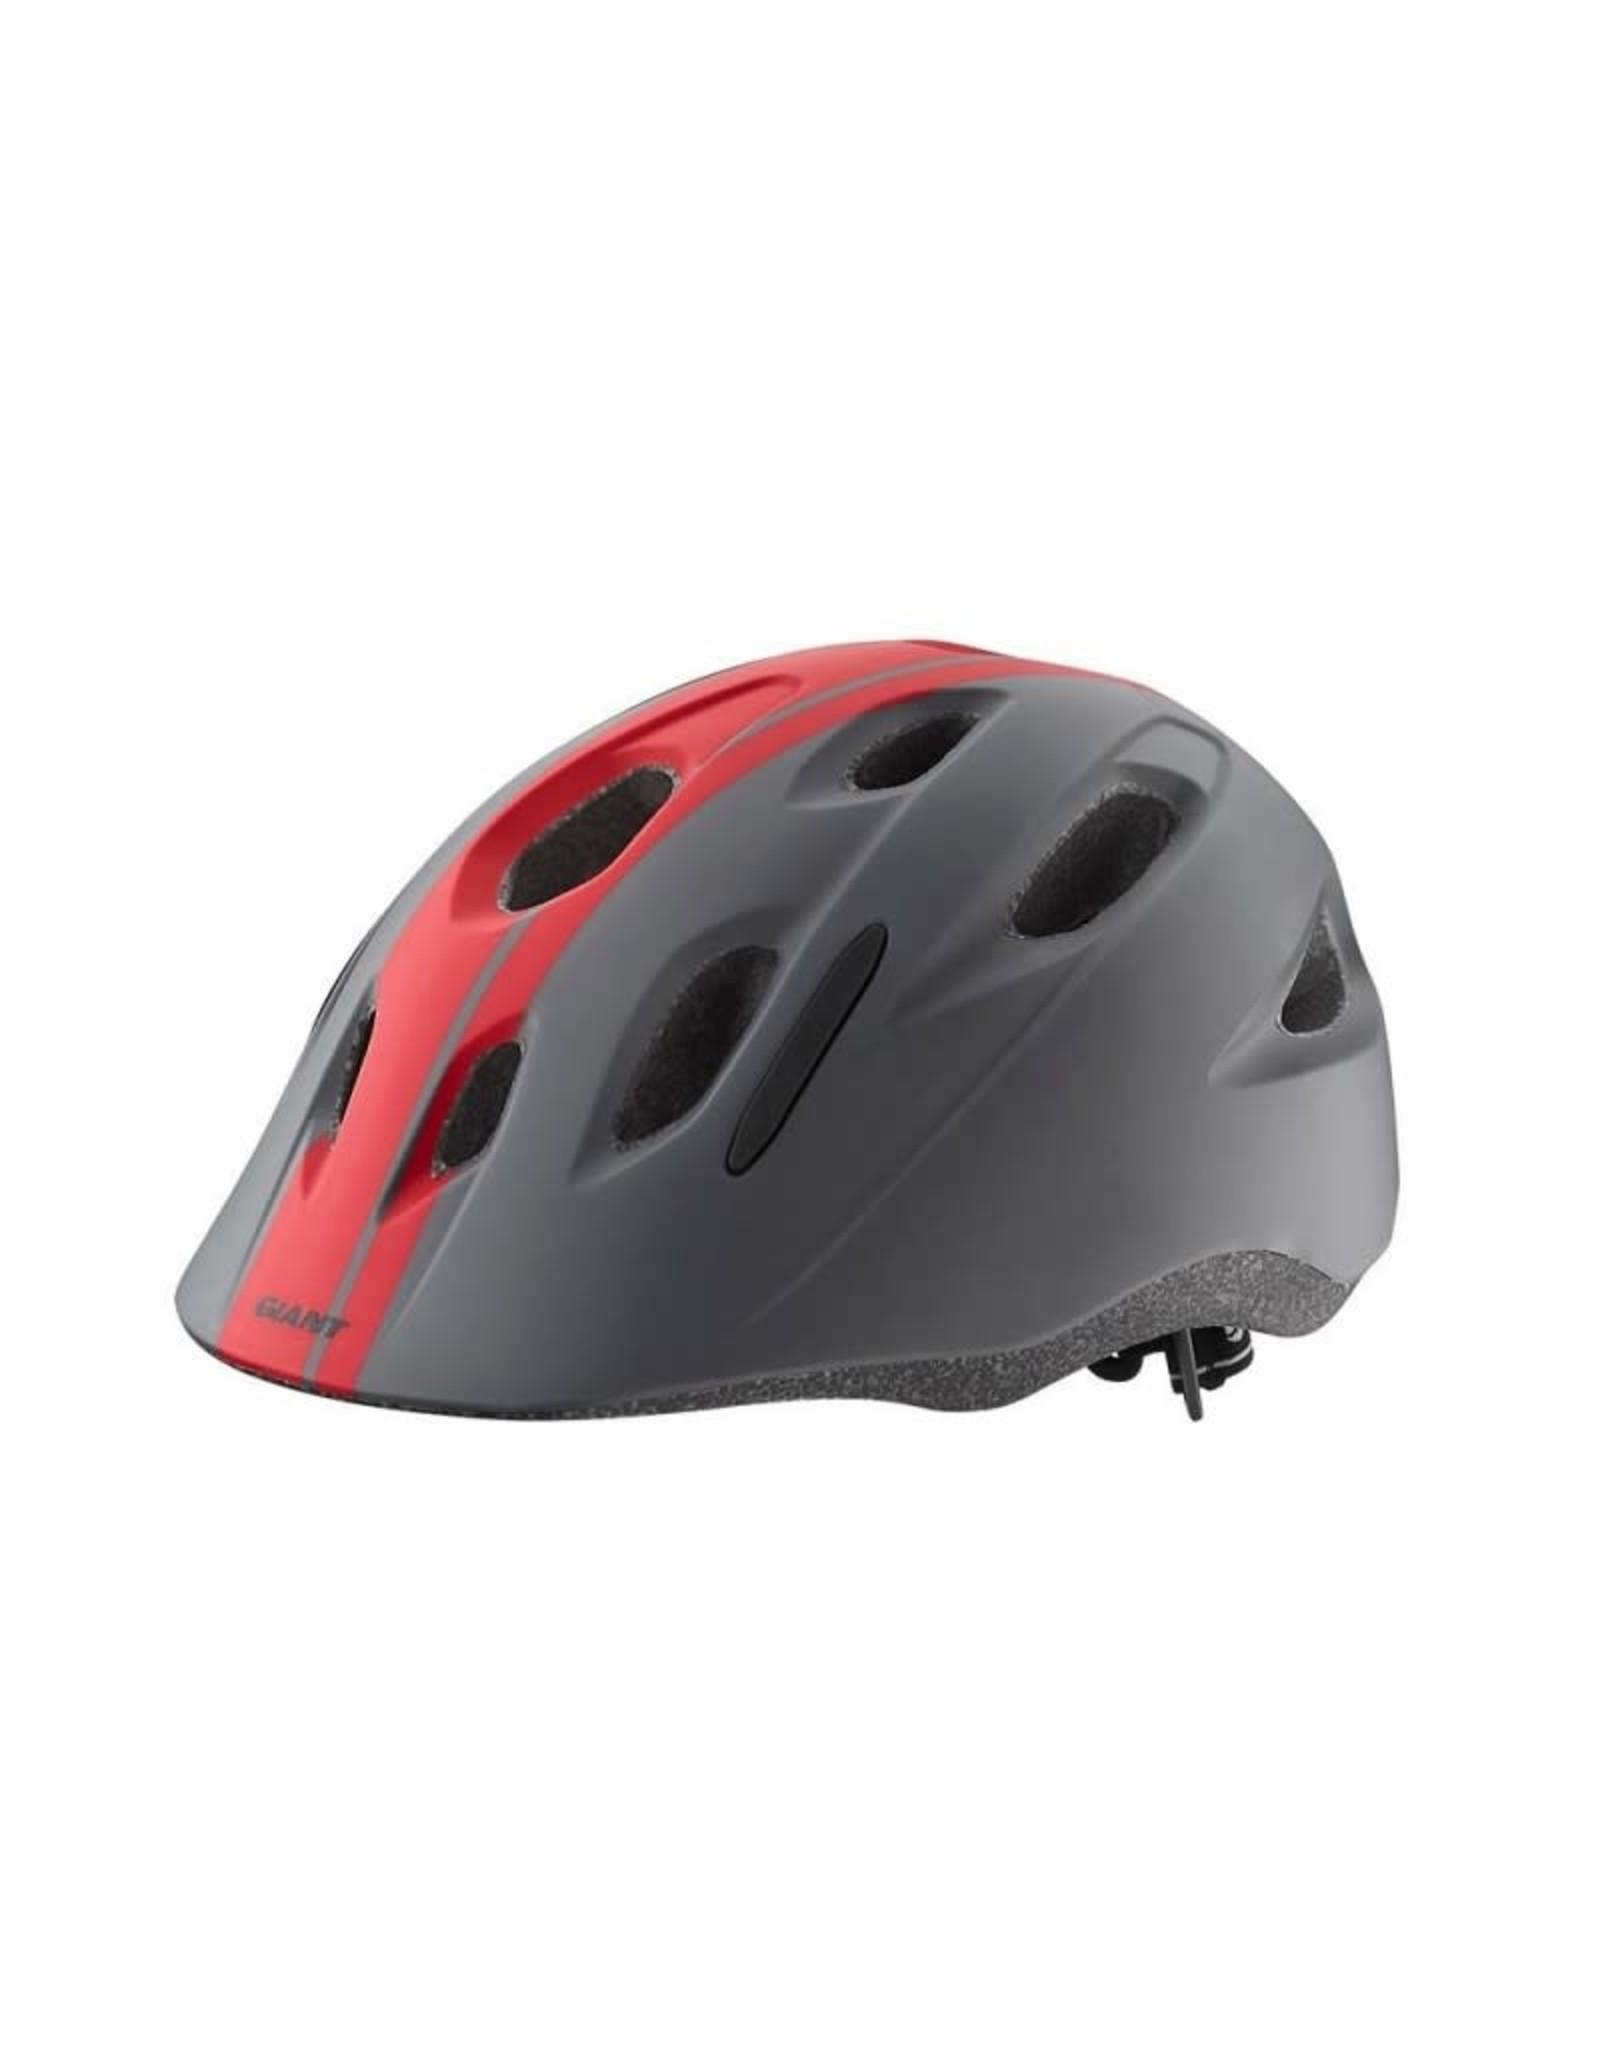 Giant GNT HOOT Youth Helmet Red/Black